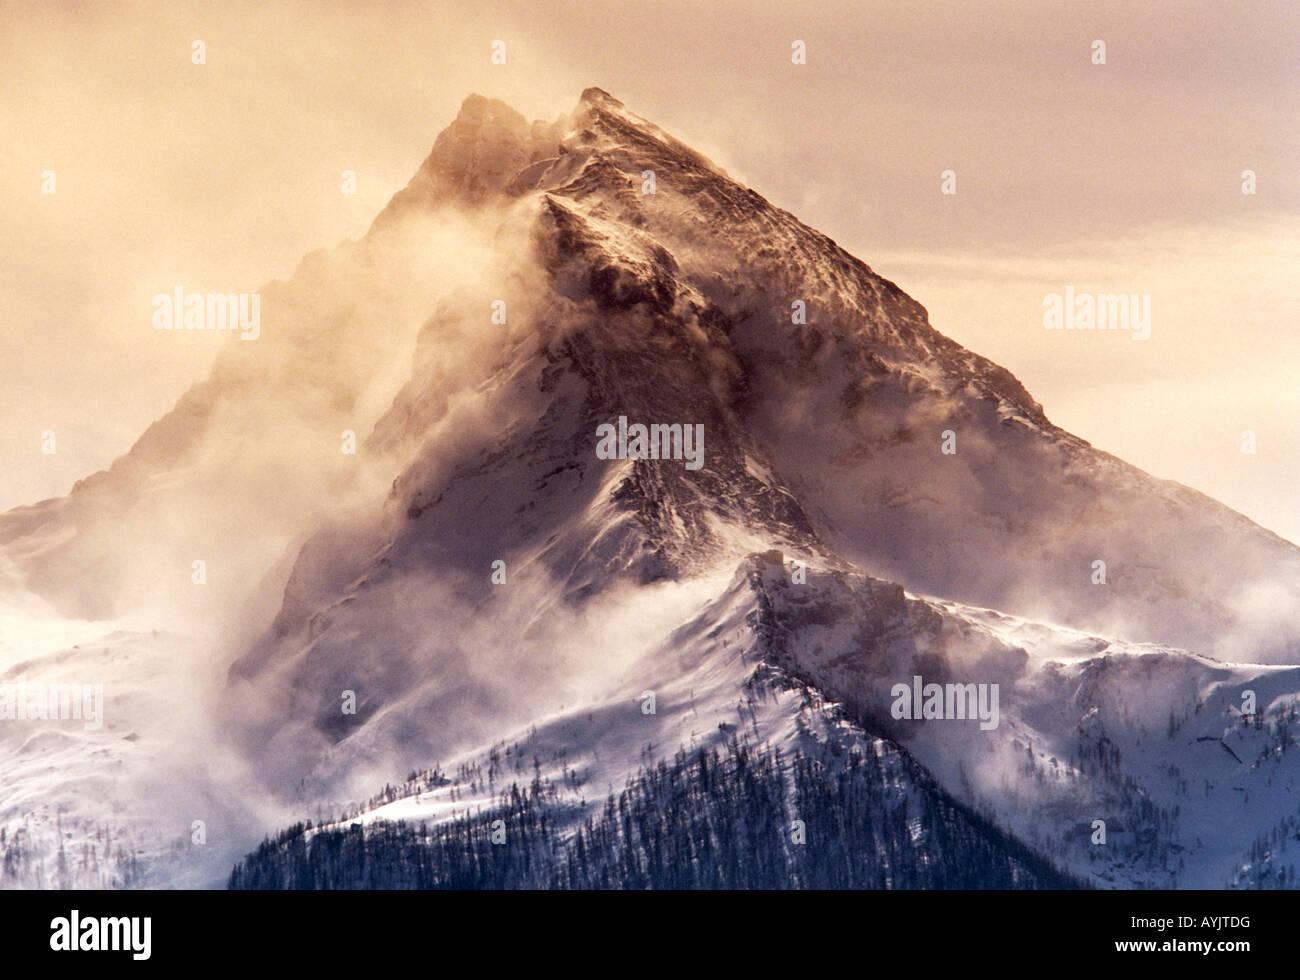 La montagne Watzmann (2713 m) dans la tempête de neige Photo Stock